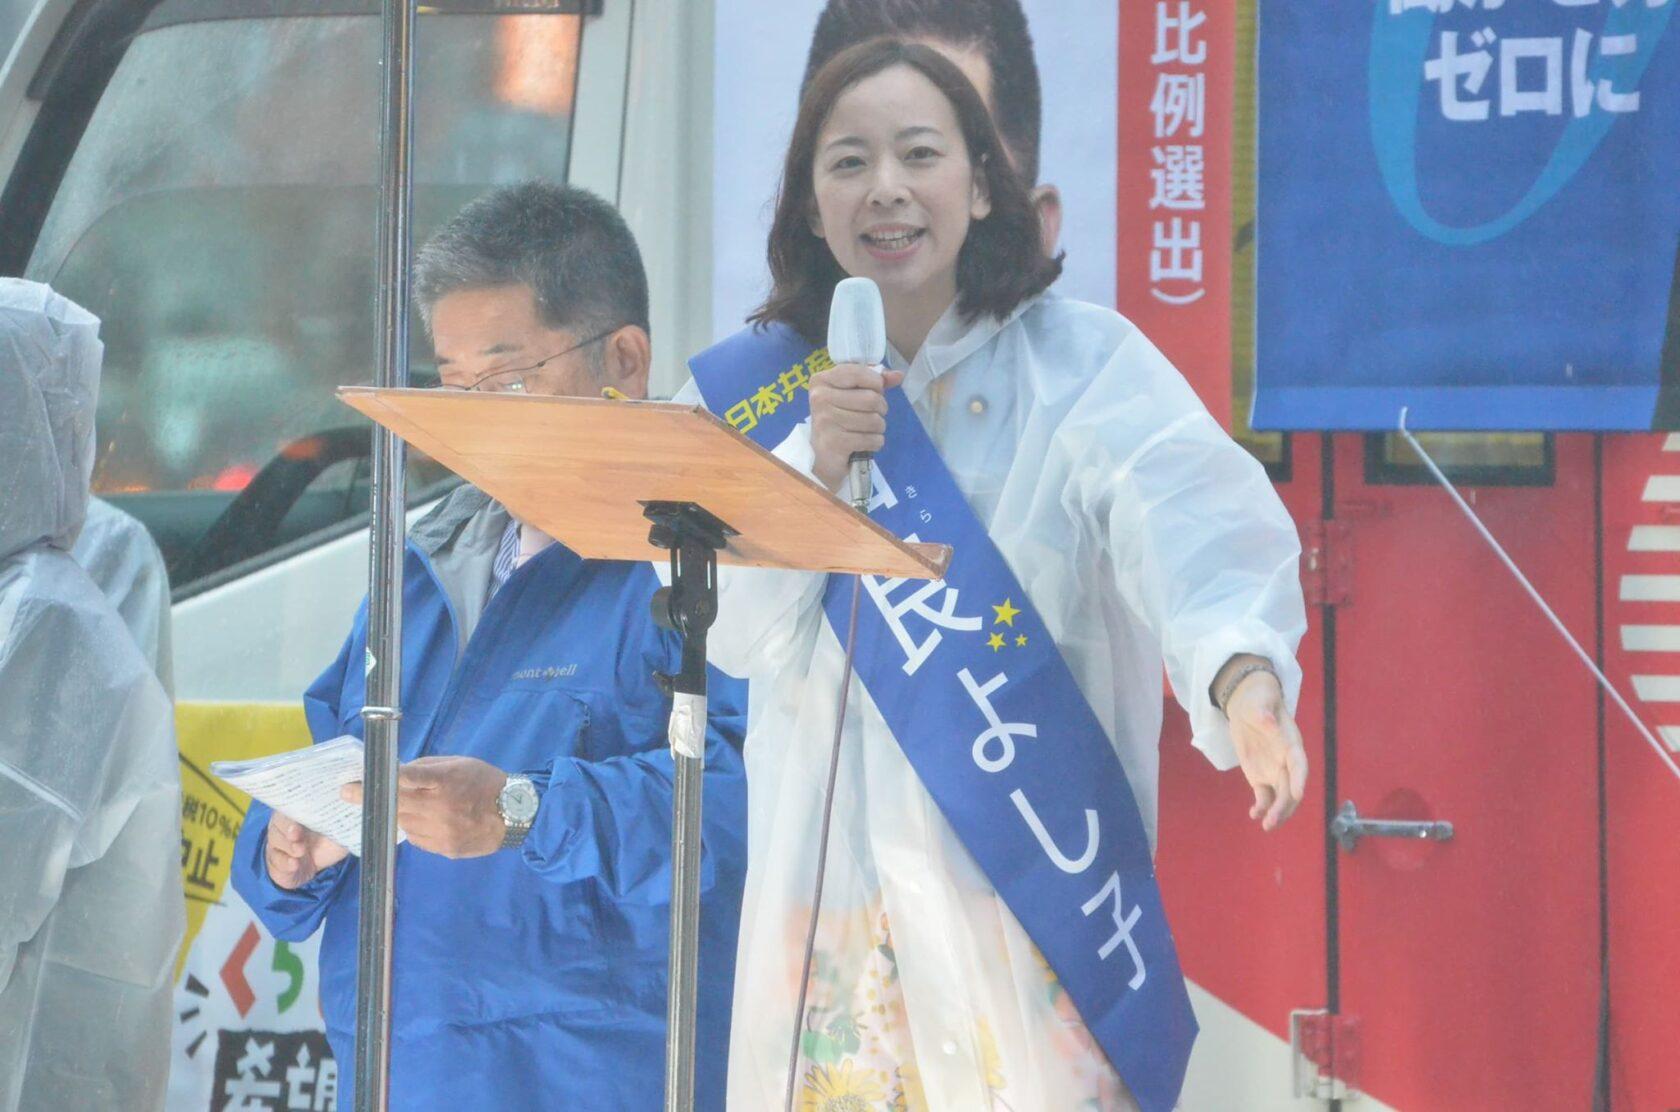 石神井公園駅前の街頭演説